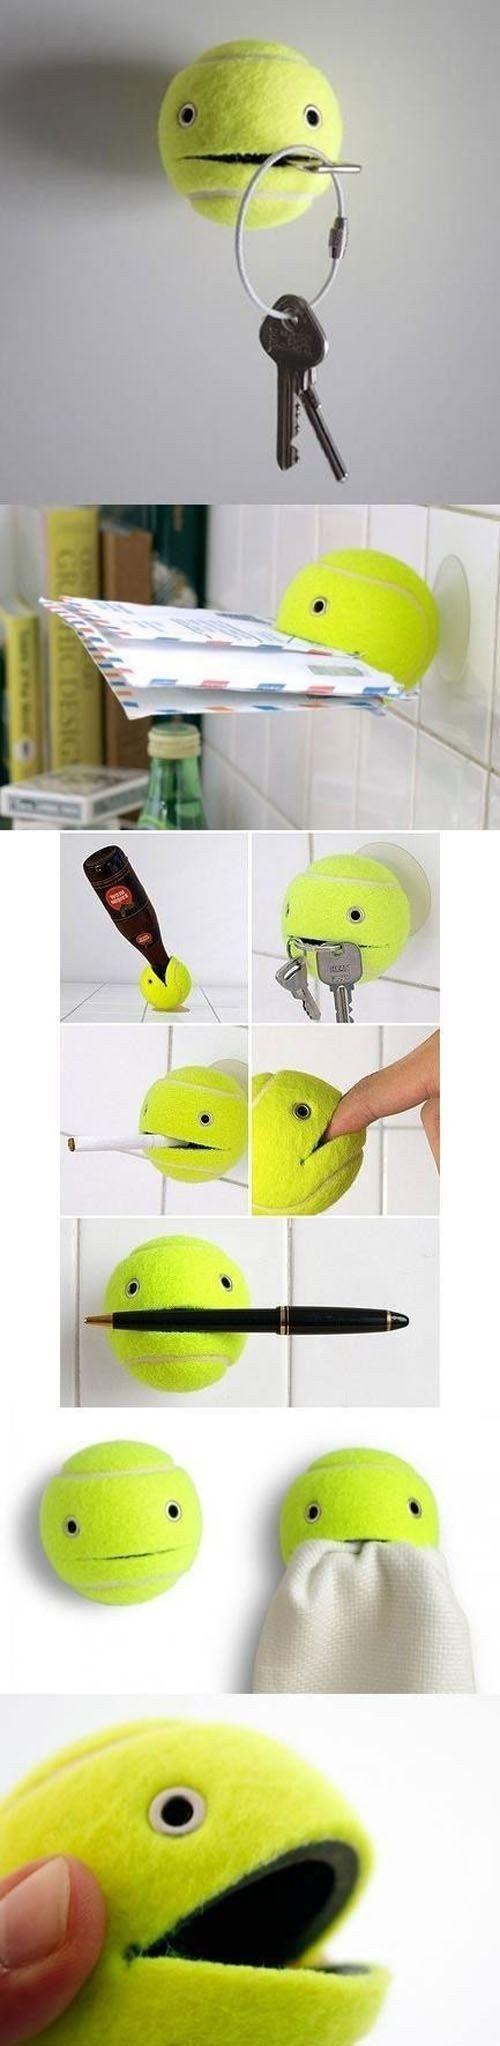 Porte-clé DIY avec balle de tennis // http://www.deco.fr/loisirs-creatifs/photos-78283/                                                                                                                                                                                 Plus